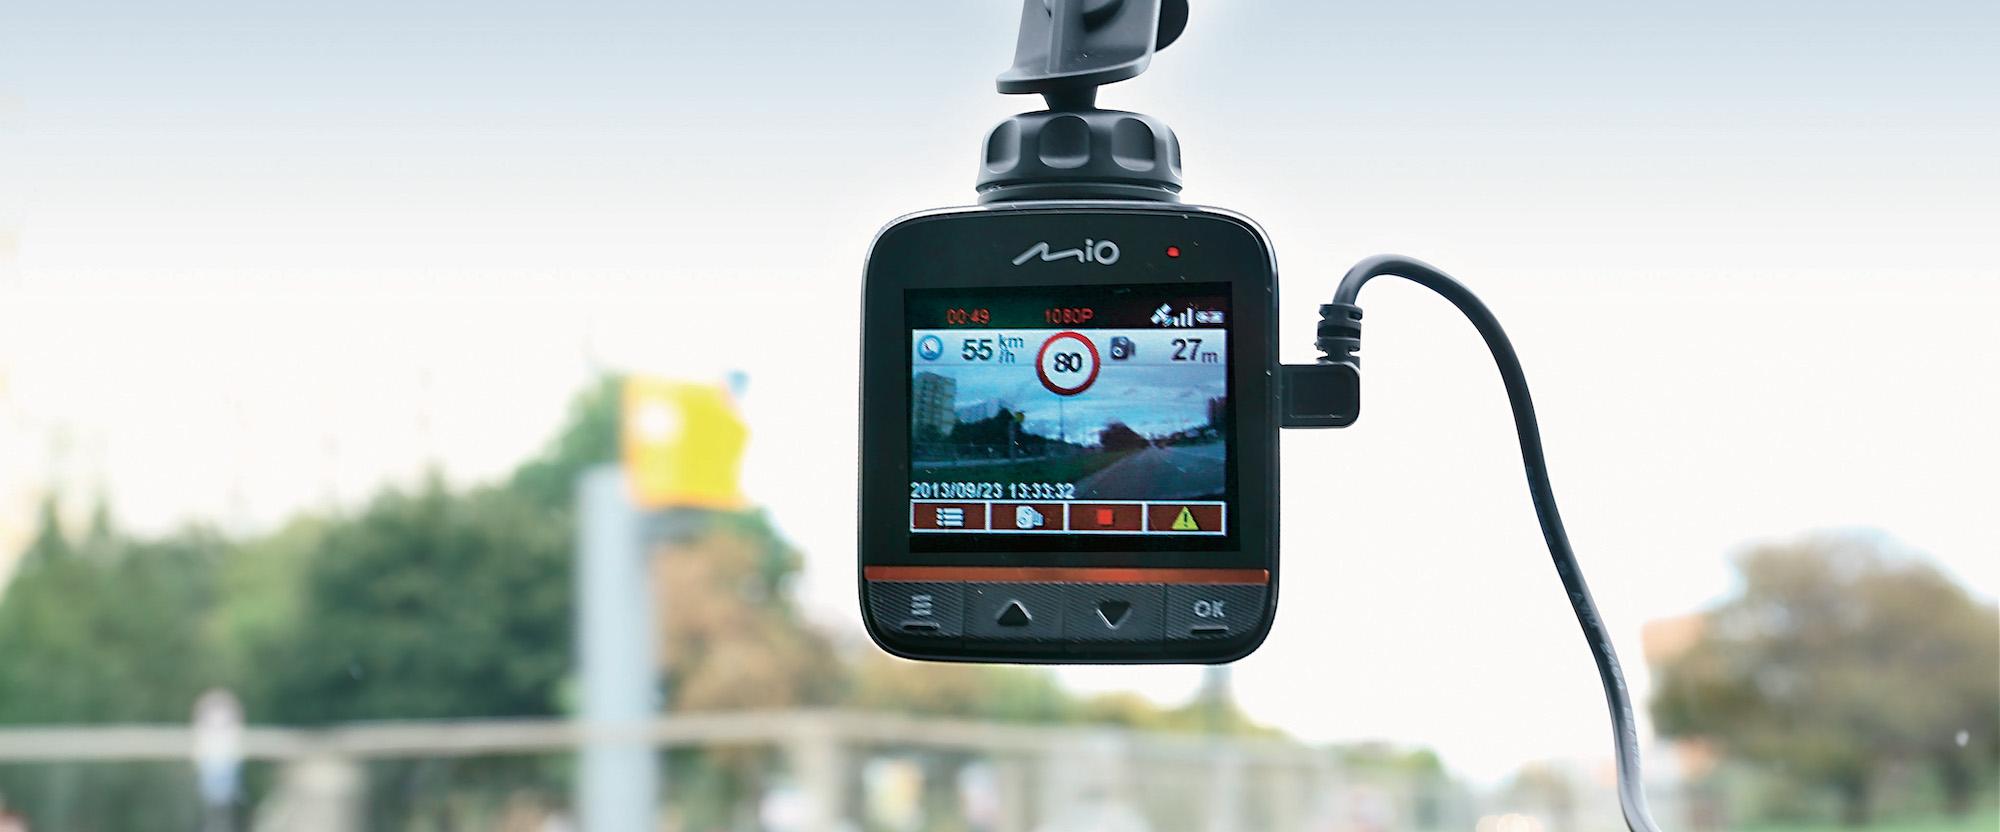 Kamera limit prędkości